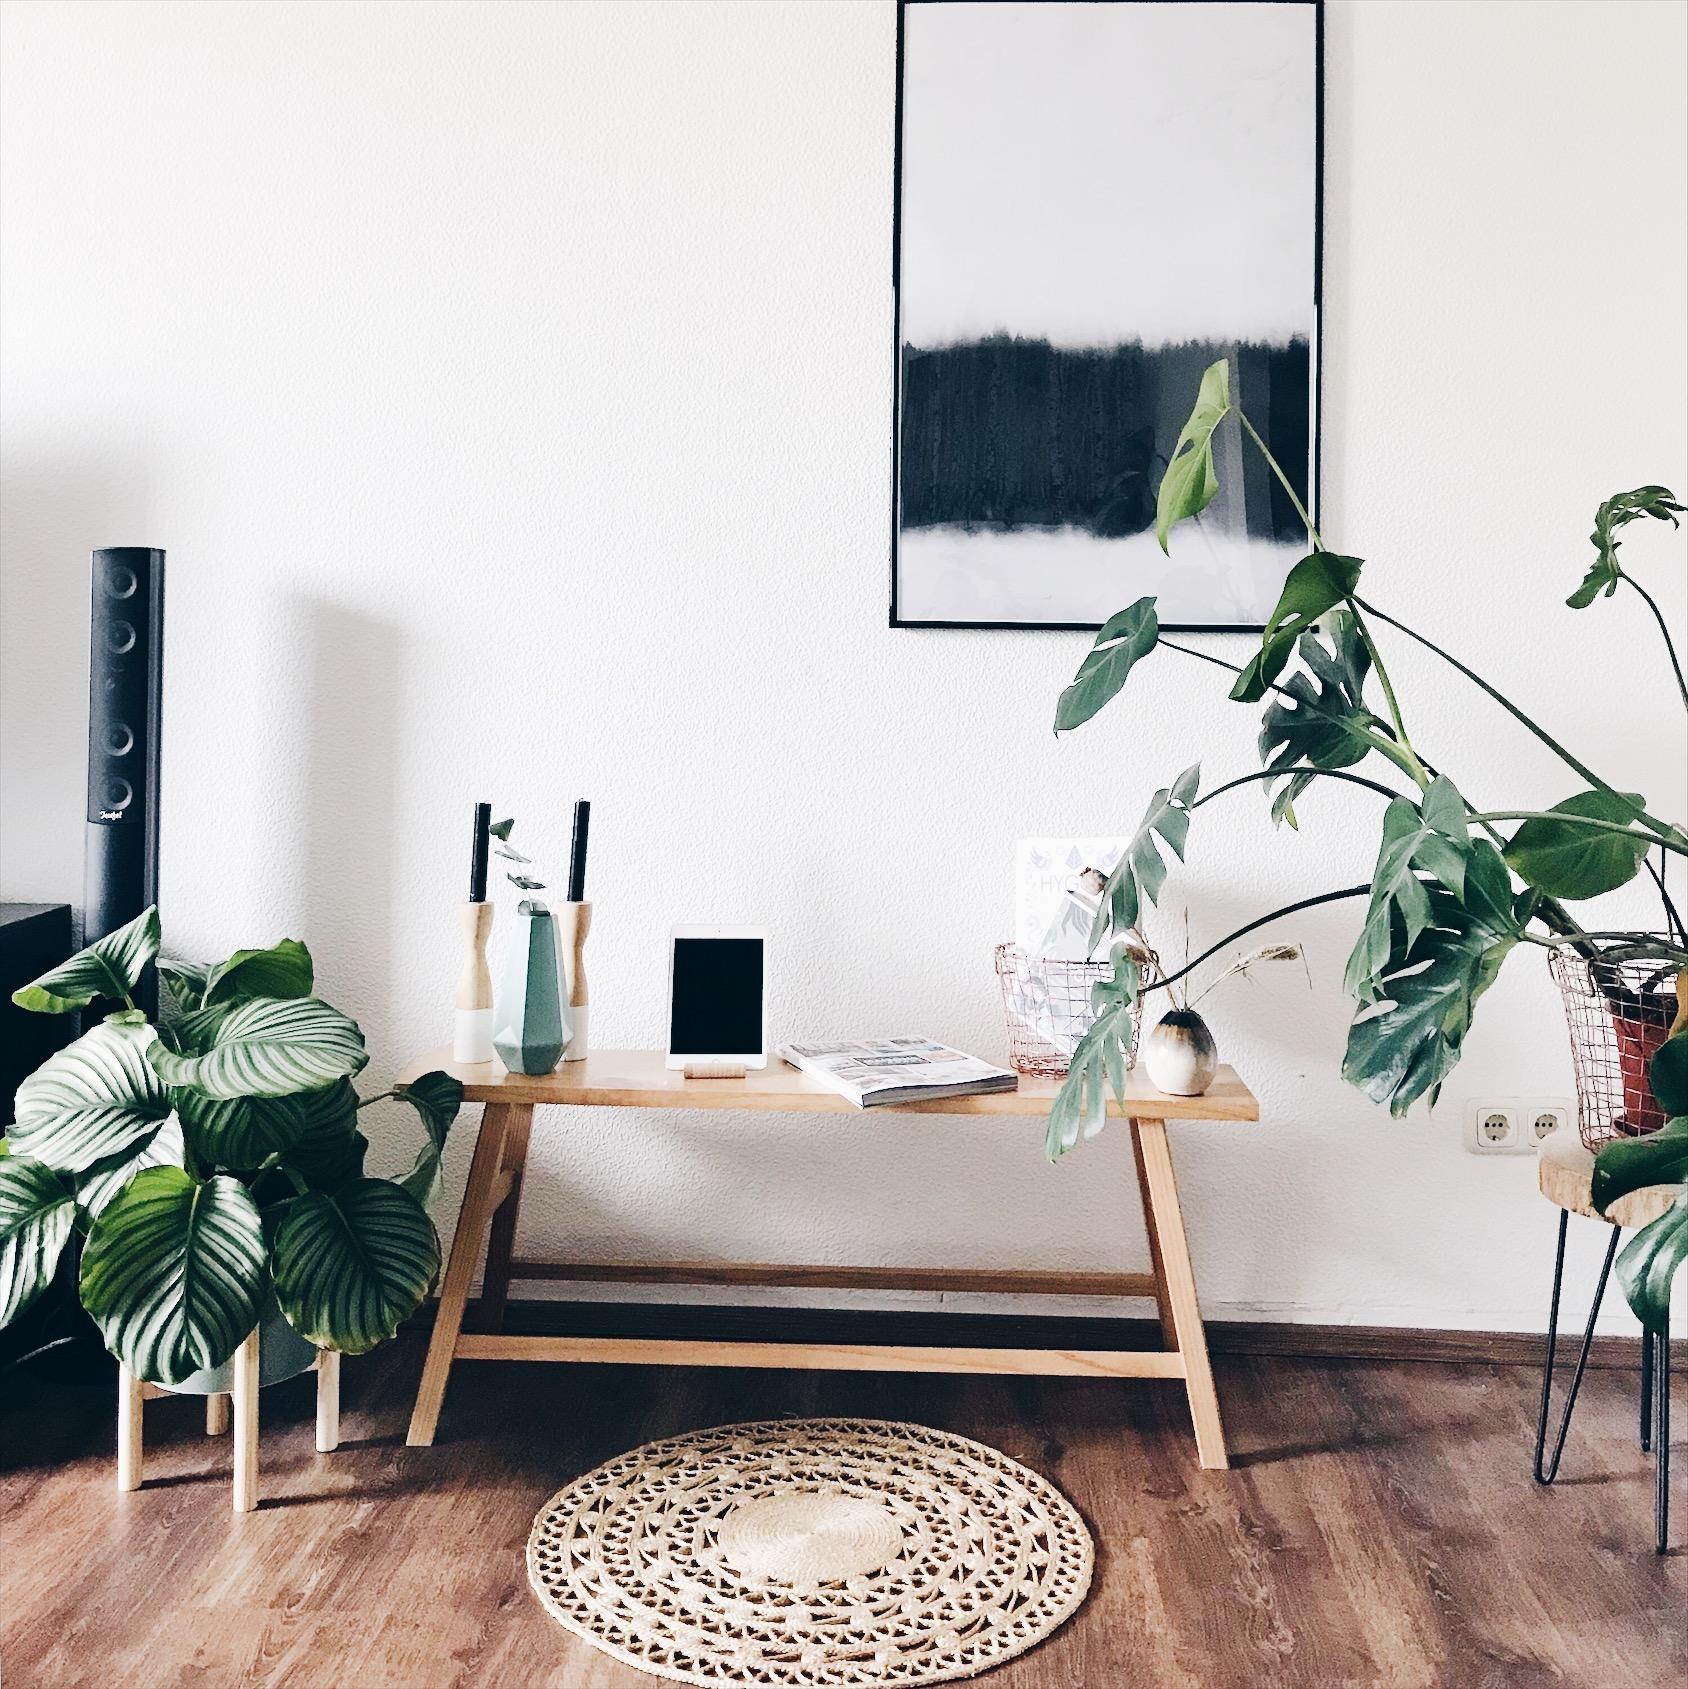 mein aktuelles lieblingsfoto wohnzimmer livingchallenge couchstyle couchmagazin interior zimmerpflanze